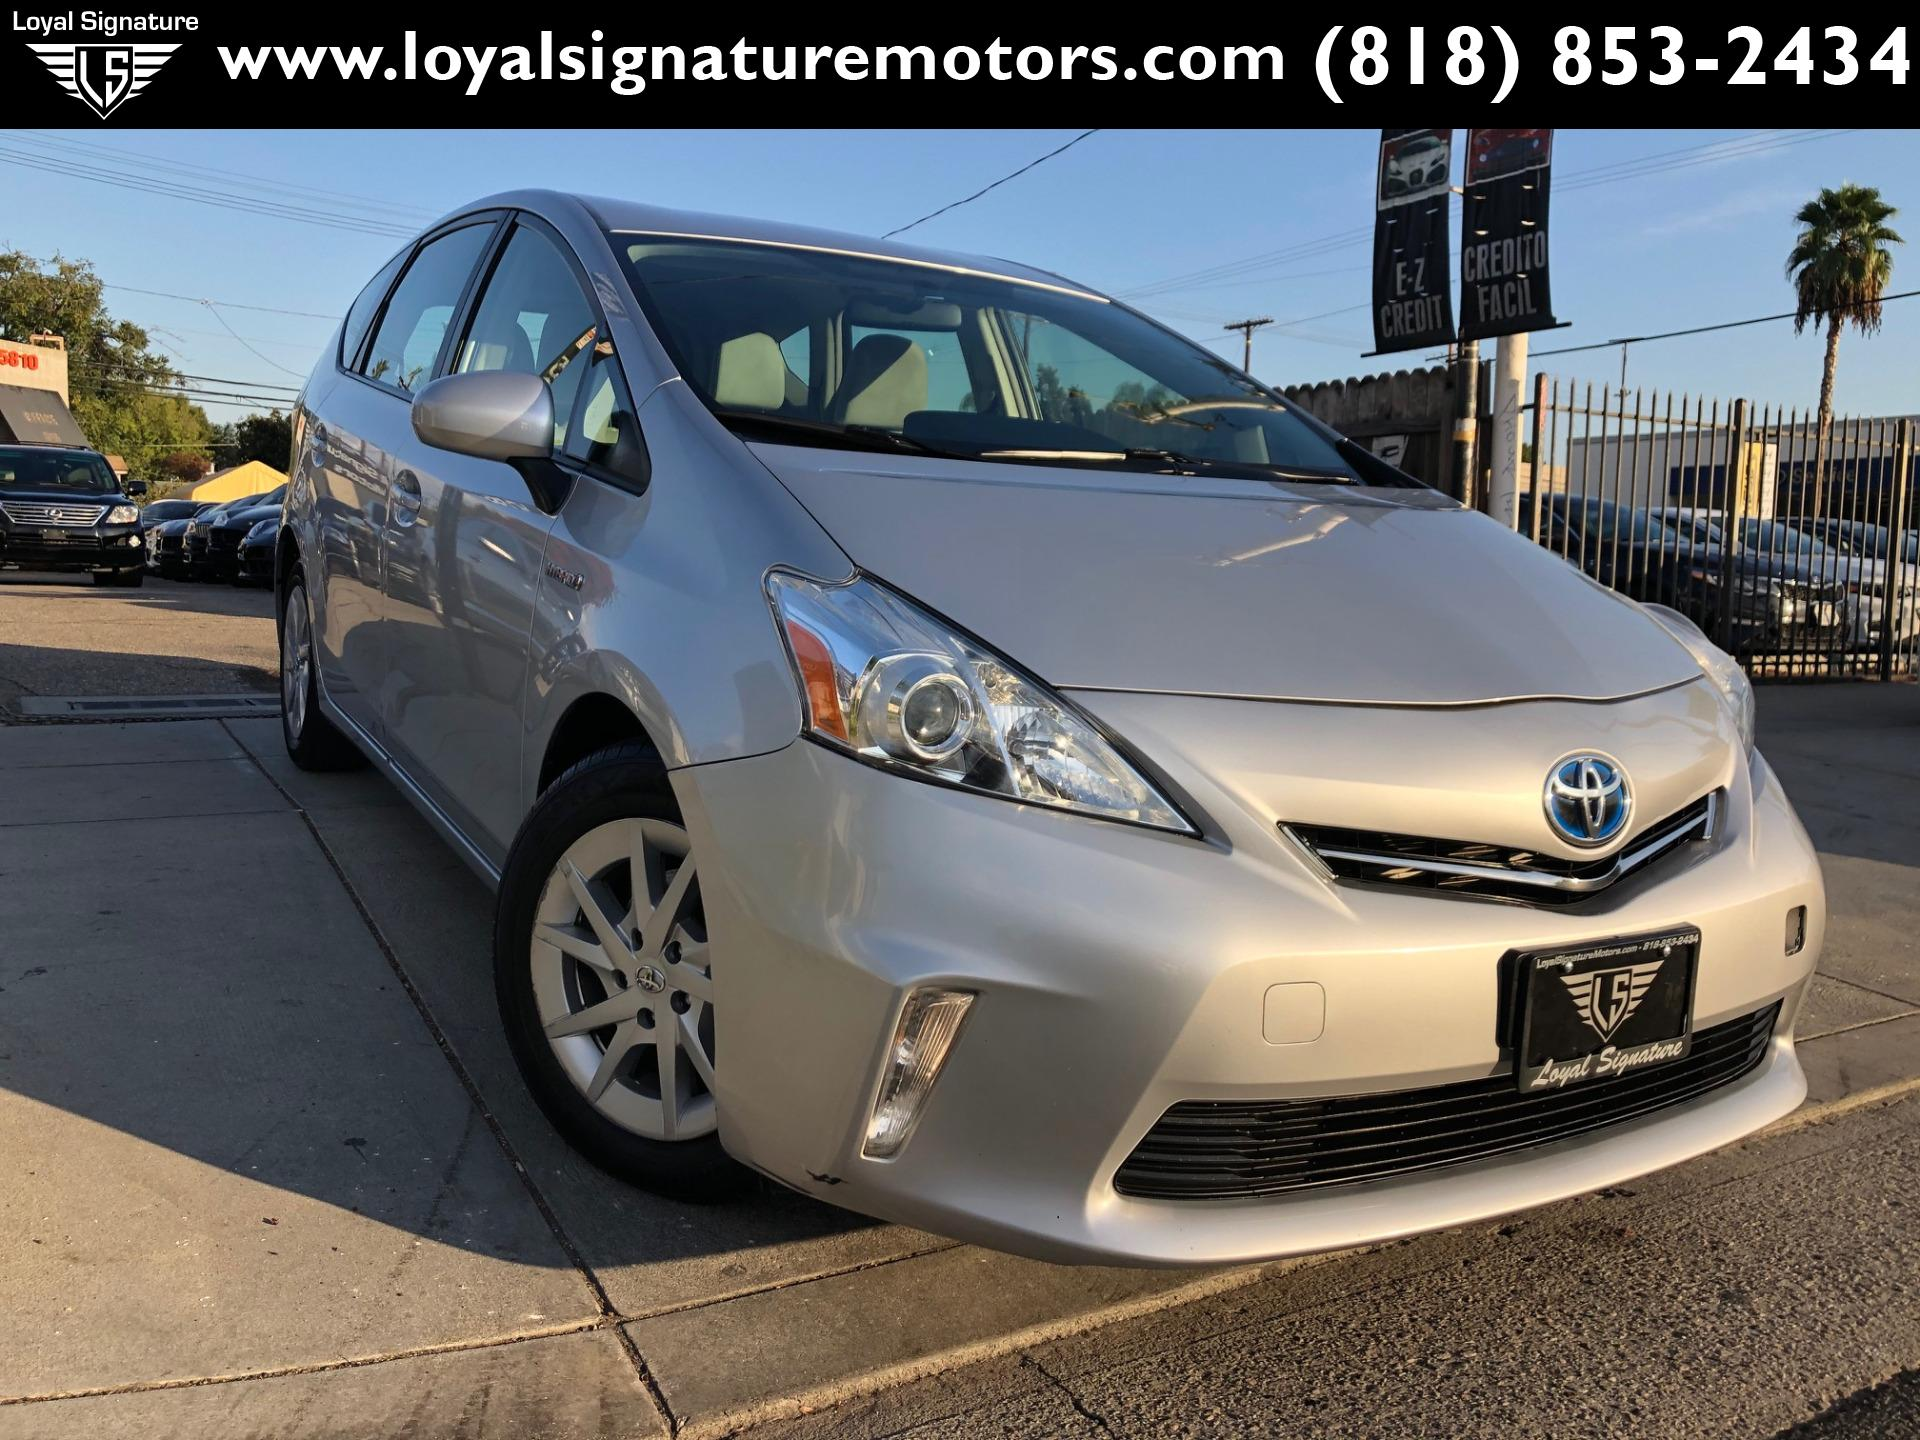 Used 2012 Toyota Prius v Three | Van Nuys, CA